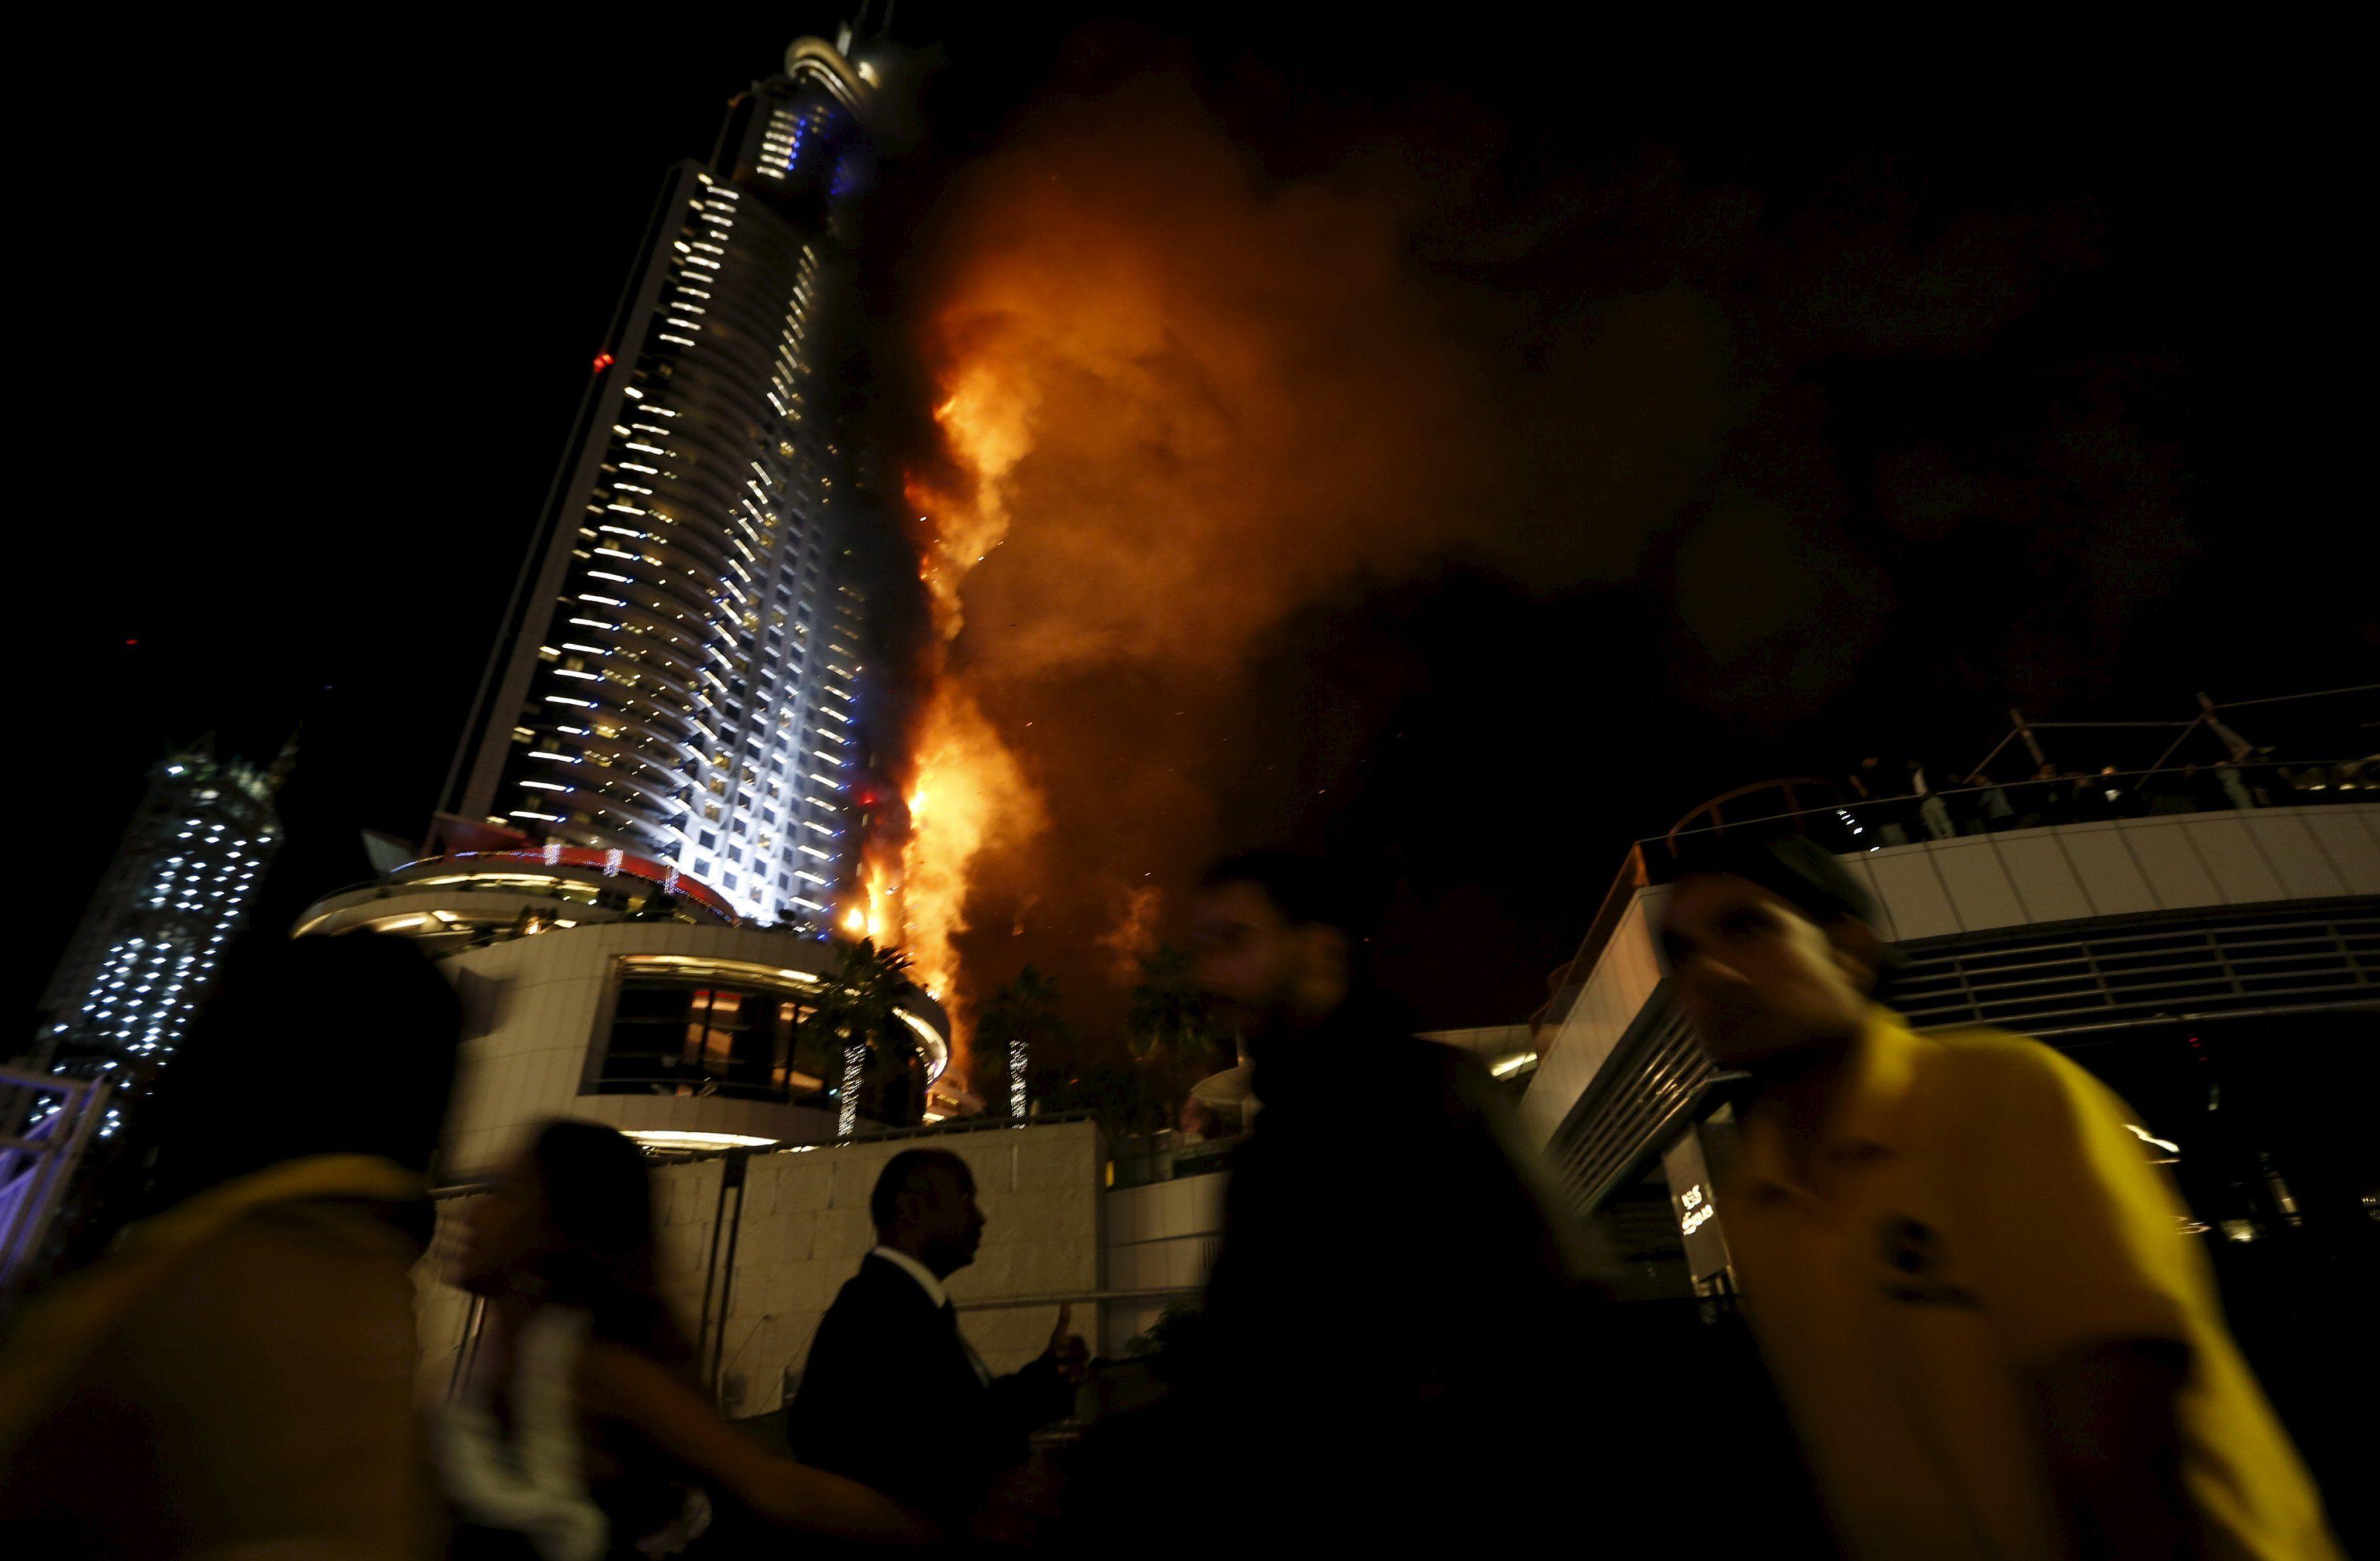 кулис отель в дубае сгорел фото менее, она